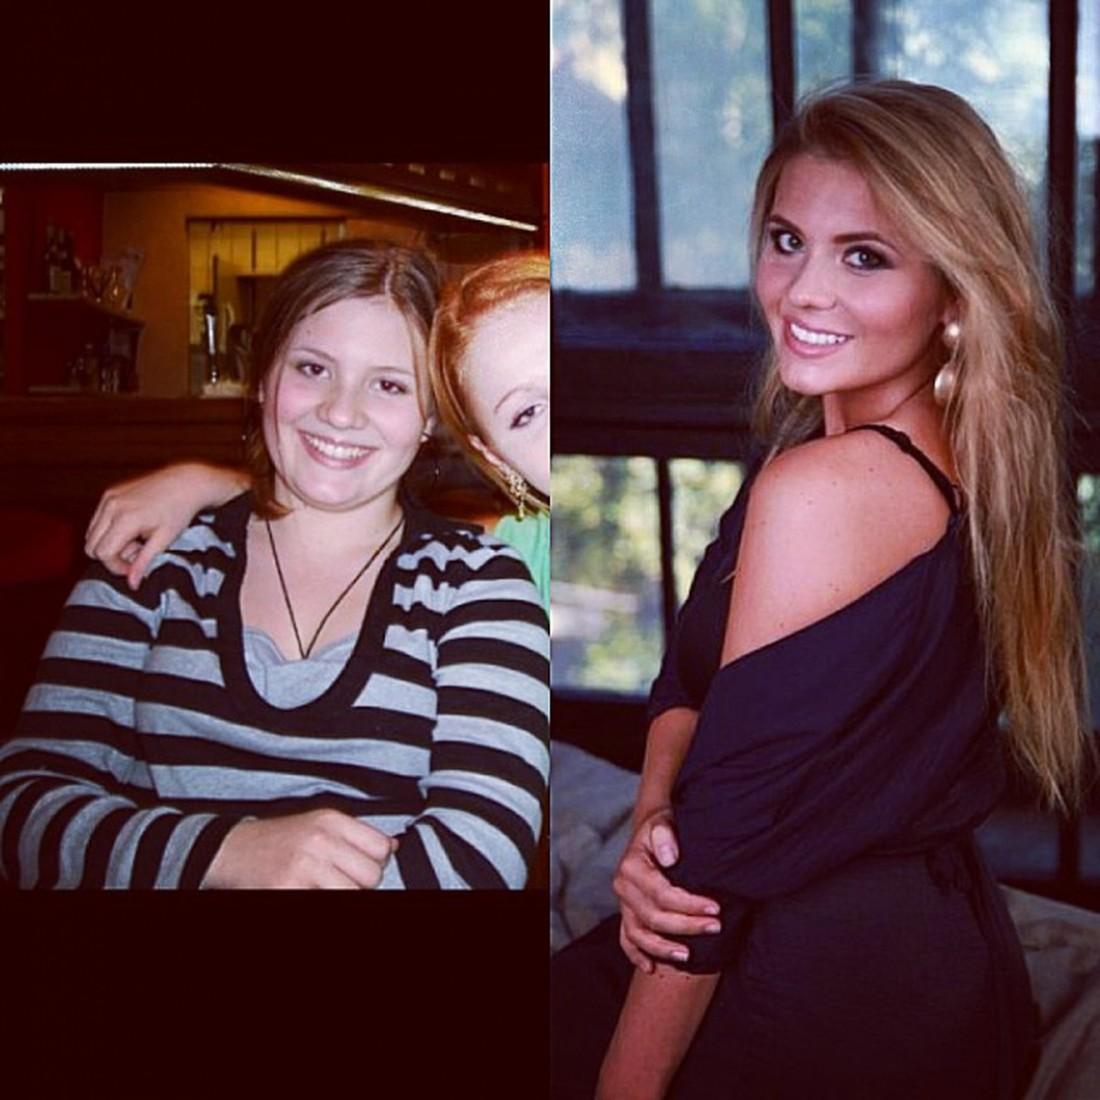 диеты знаменитостей фото до и после похудения 2018 фото 1